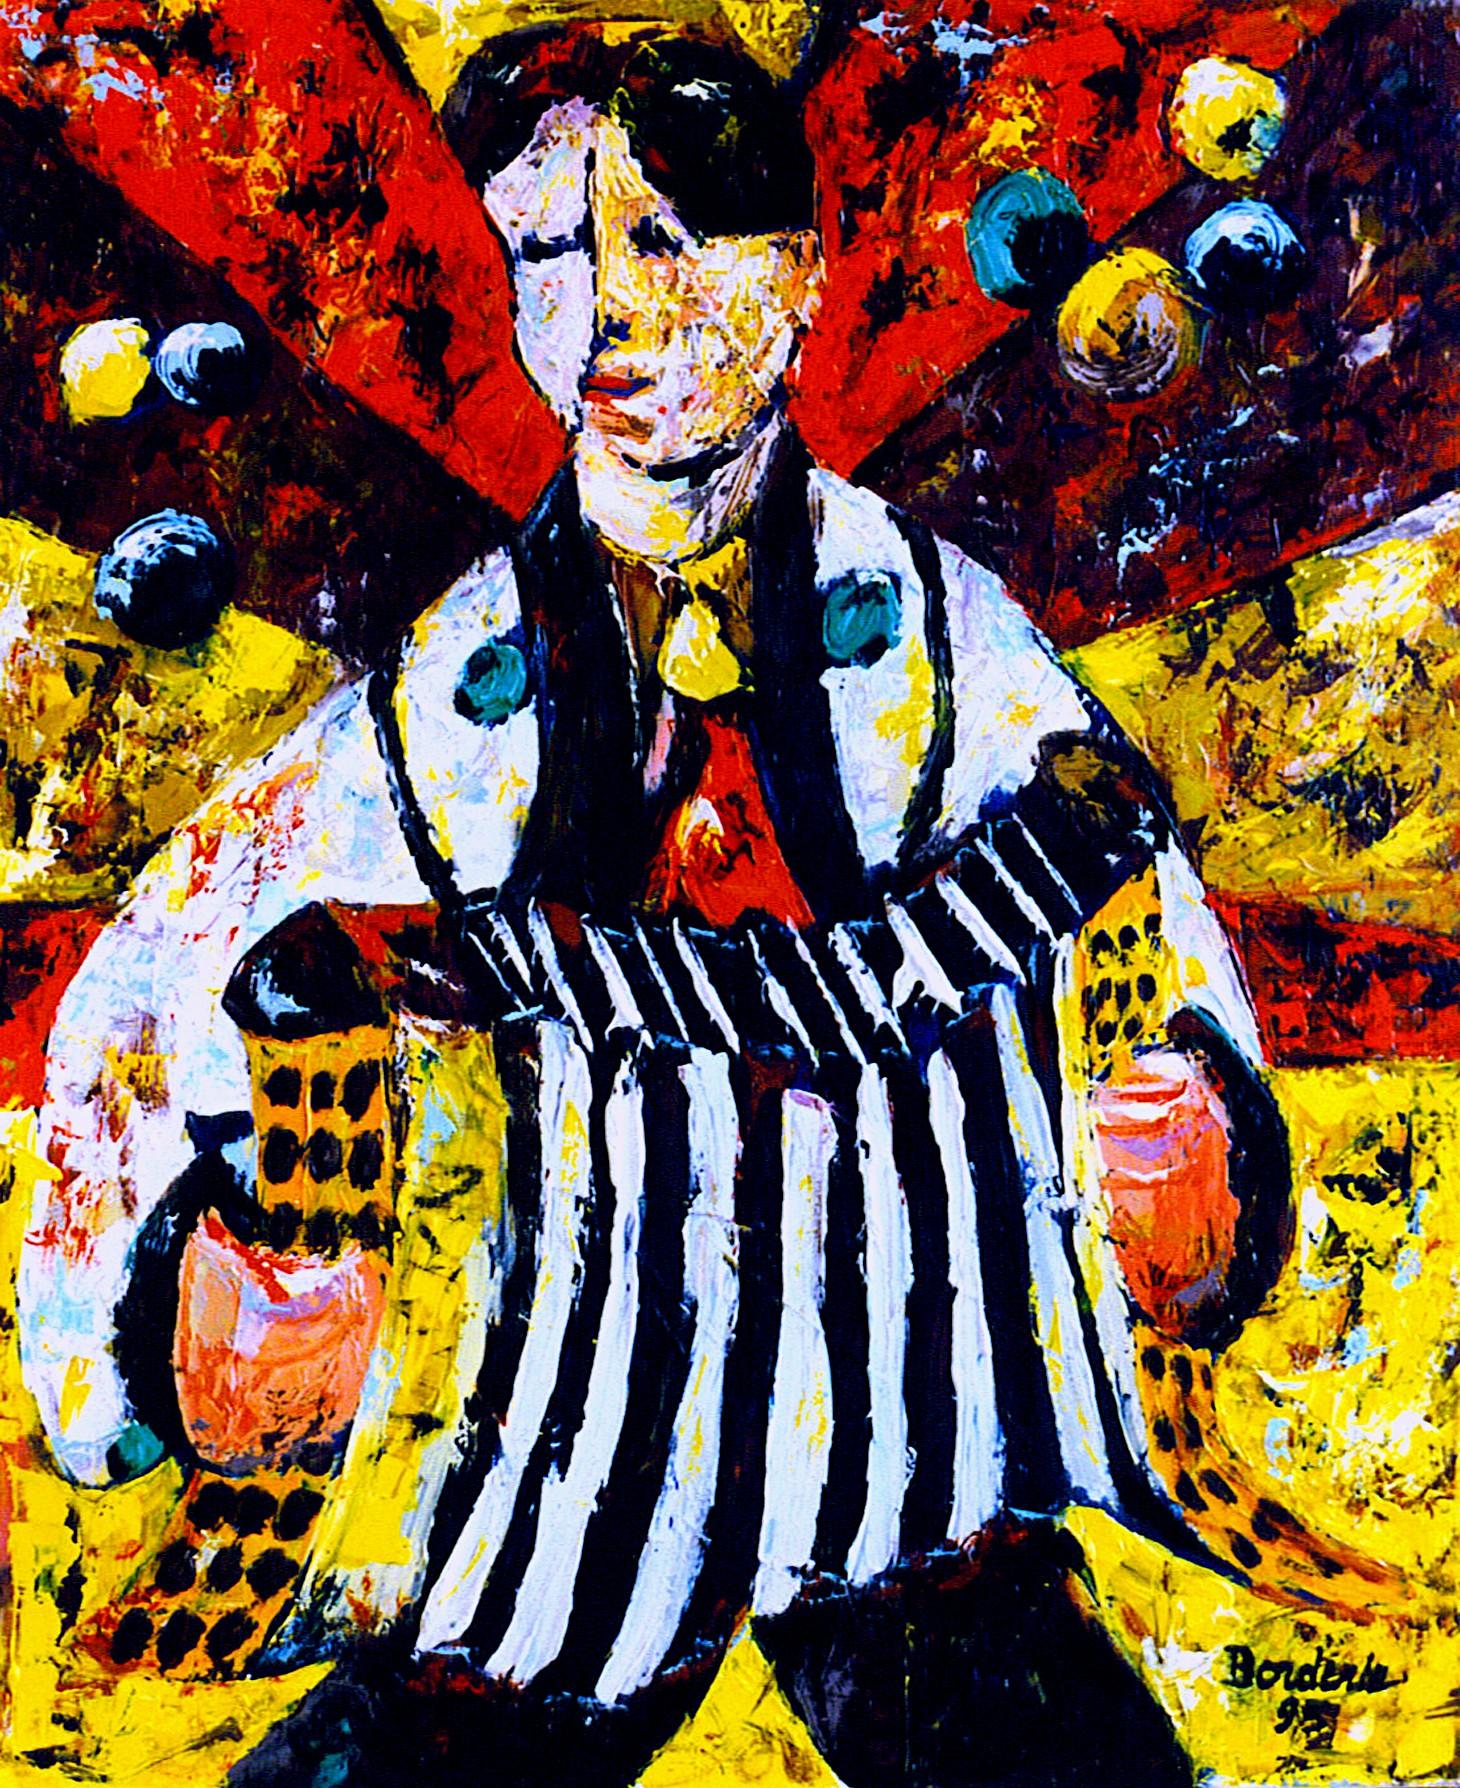 L'accordéonniste2.